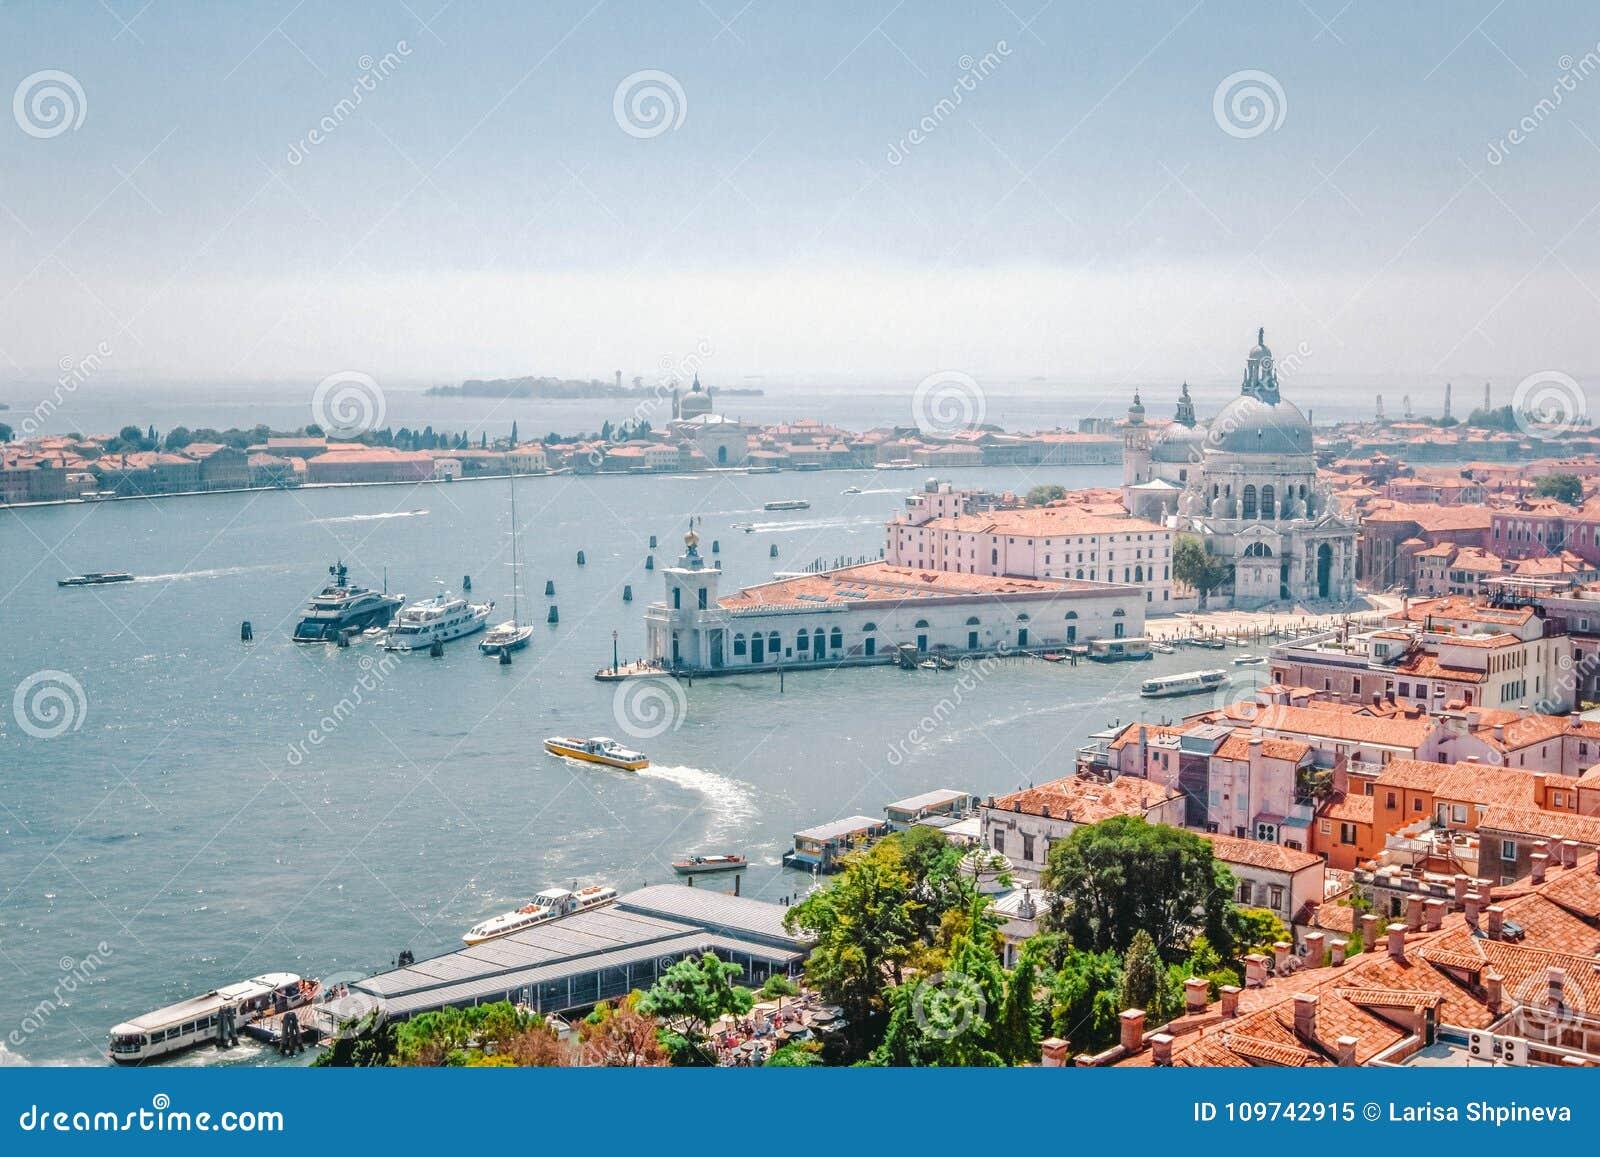 Panoramiczny widok Wenecja - kanał grande z gondolami, bazyliki Santa Maria della salutem i czerwonymi kafelkowymi dachami domy,